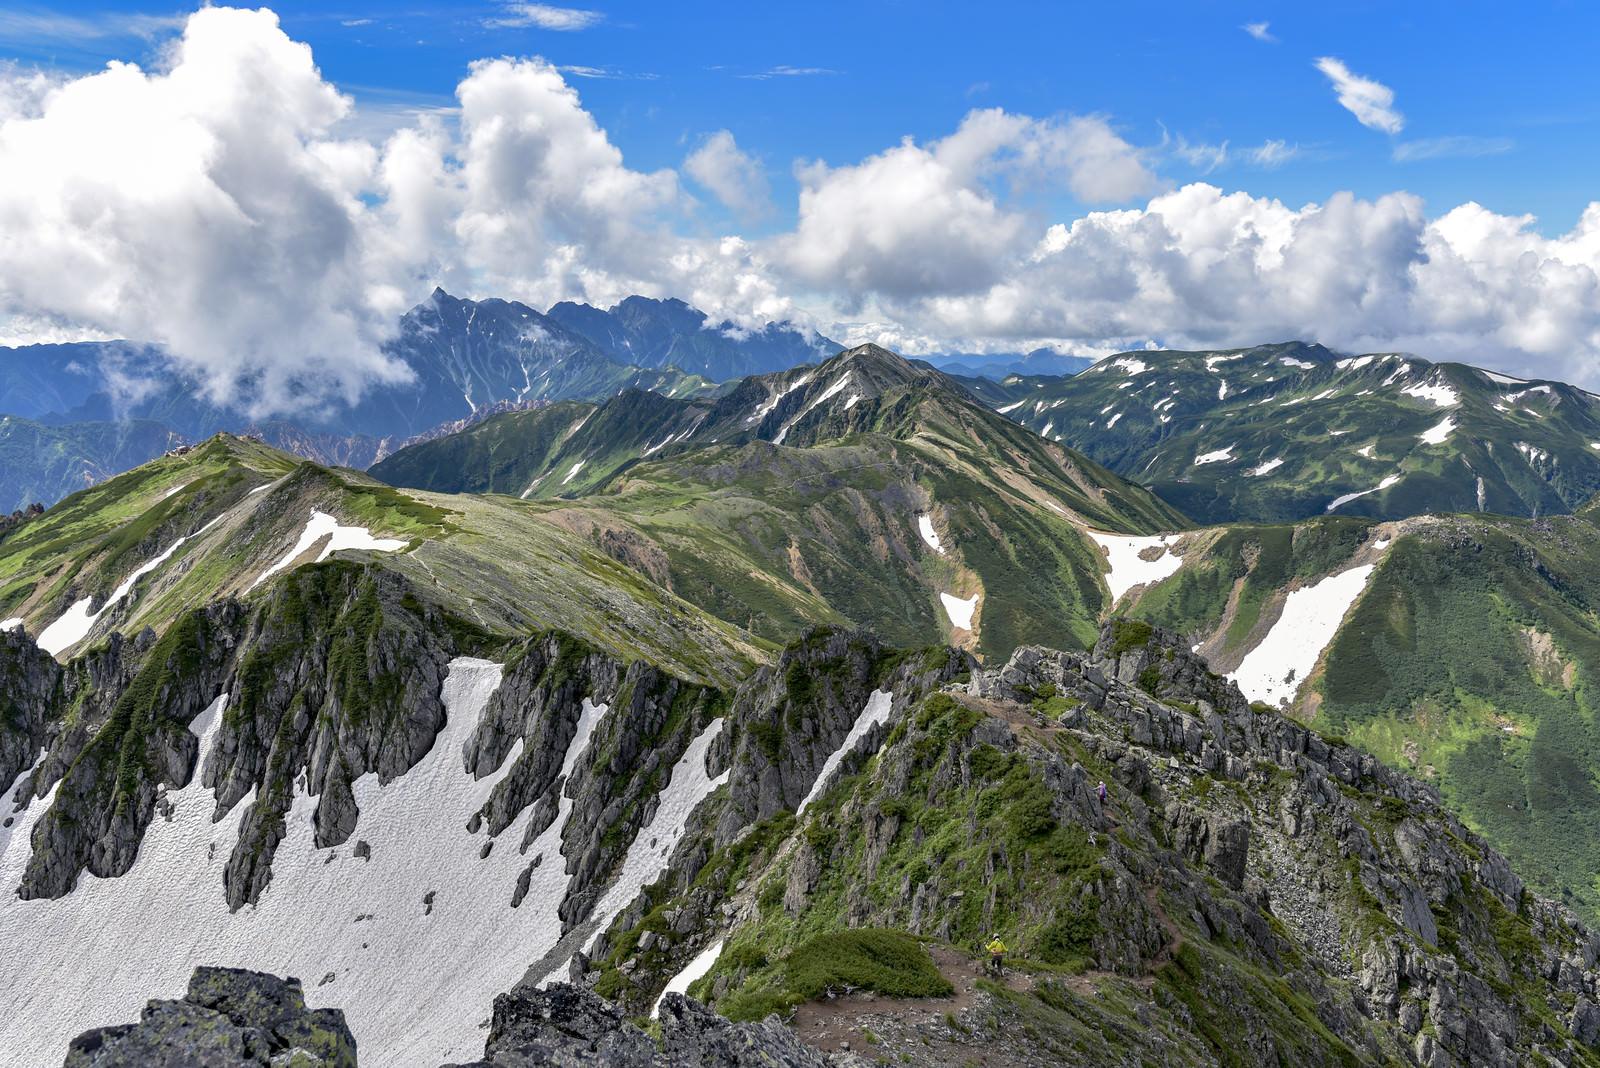 「水晶岳山頂から見る鷲羽岳と北アルプス南部の景色」の写真